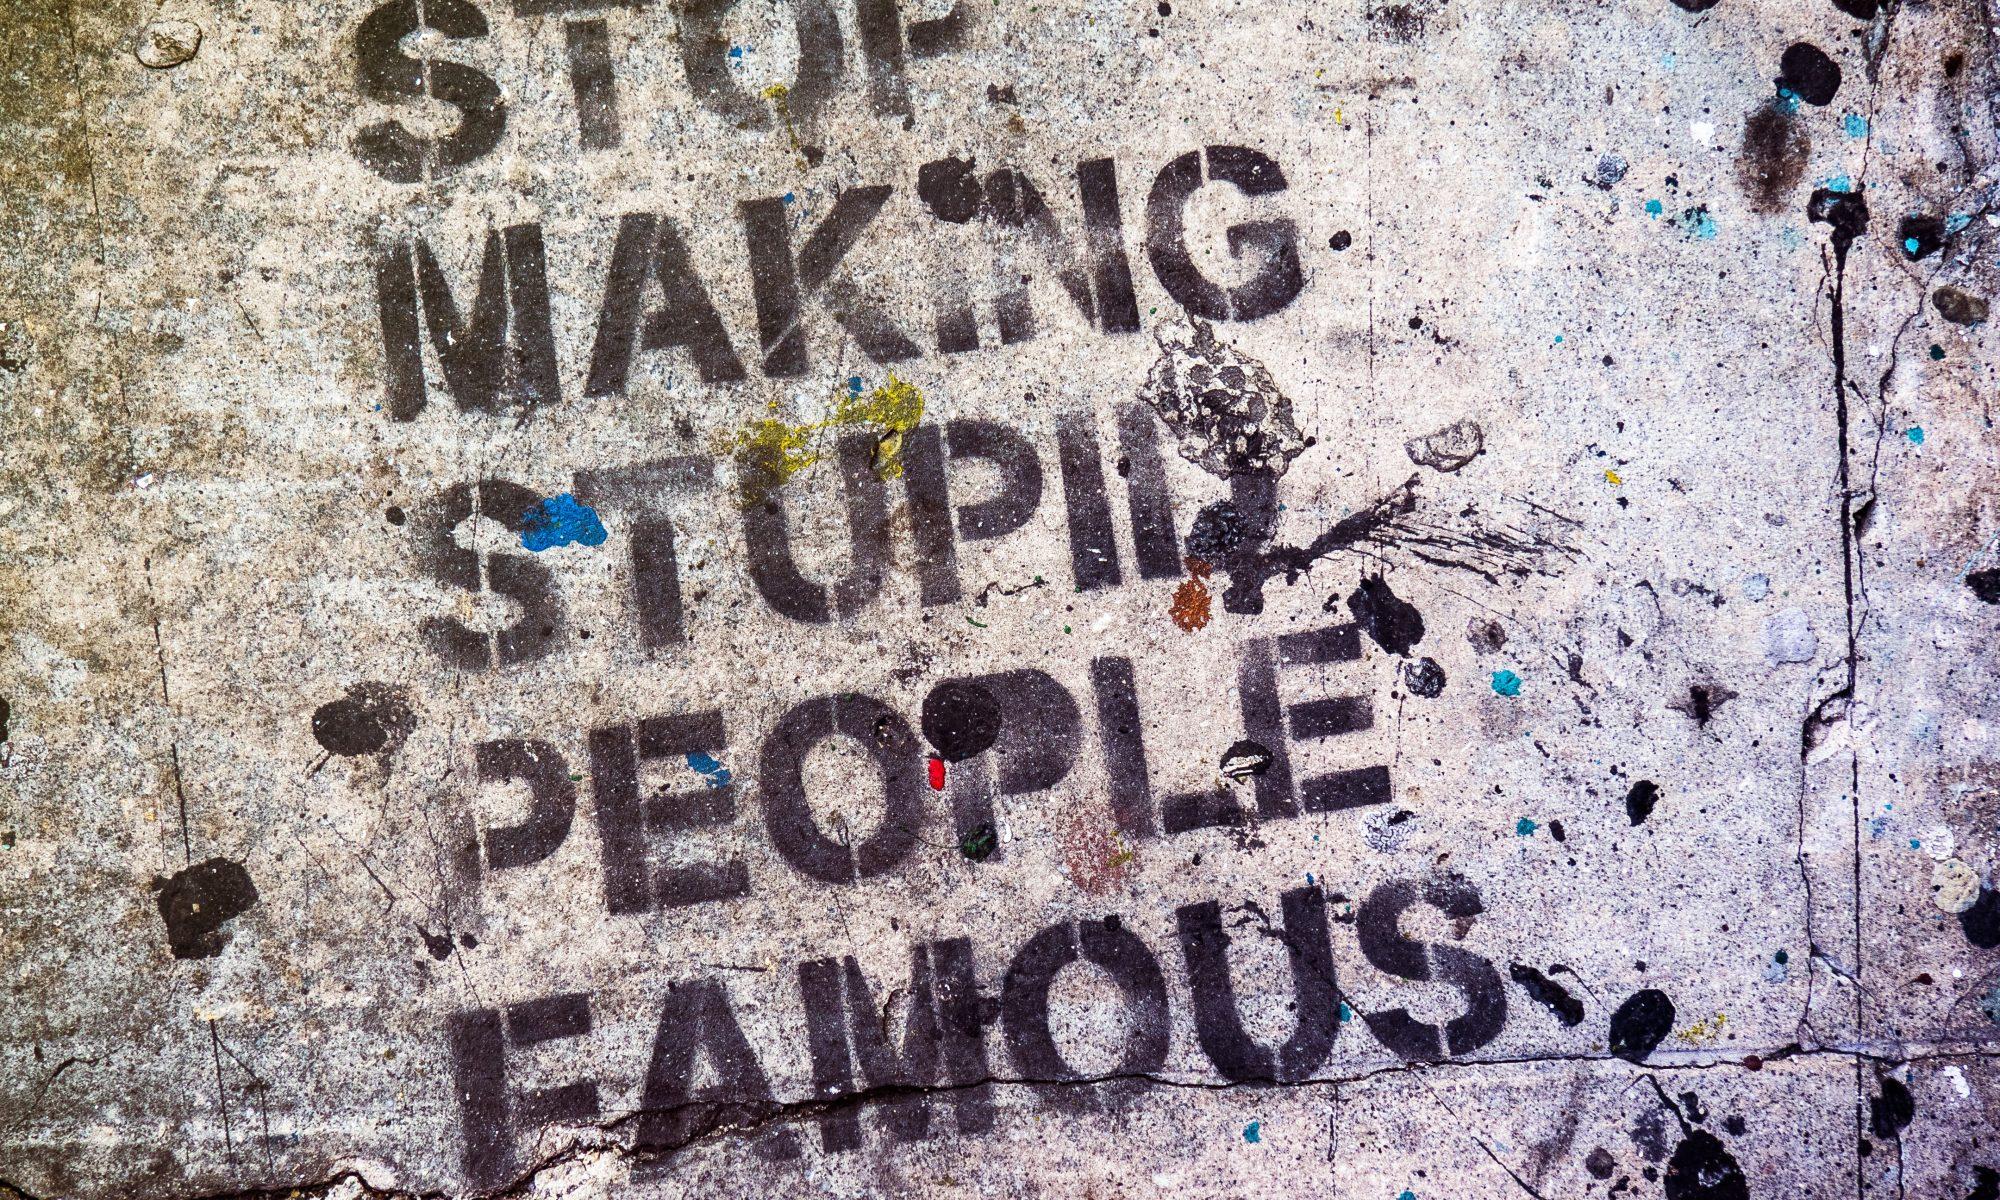 læs med om fjernelse af graffiti